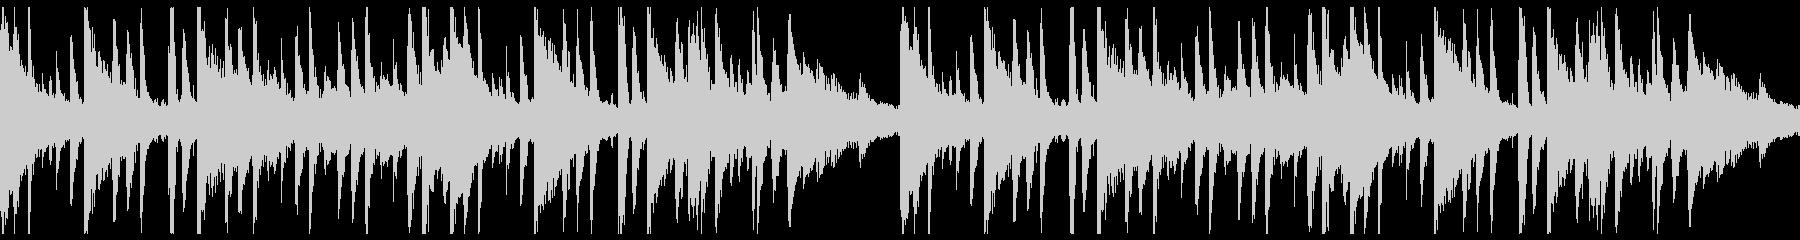 【ループ仕様】ピアノ・ジャジー・おしゃれの未再生の波形